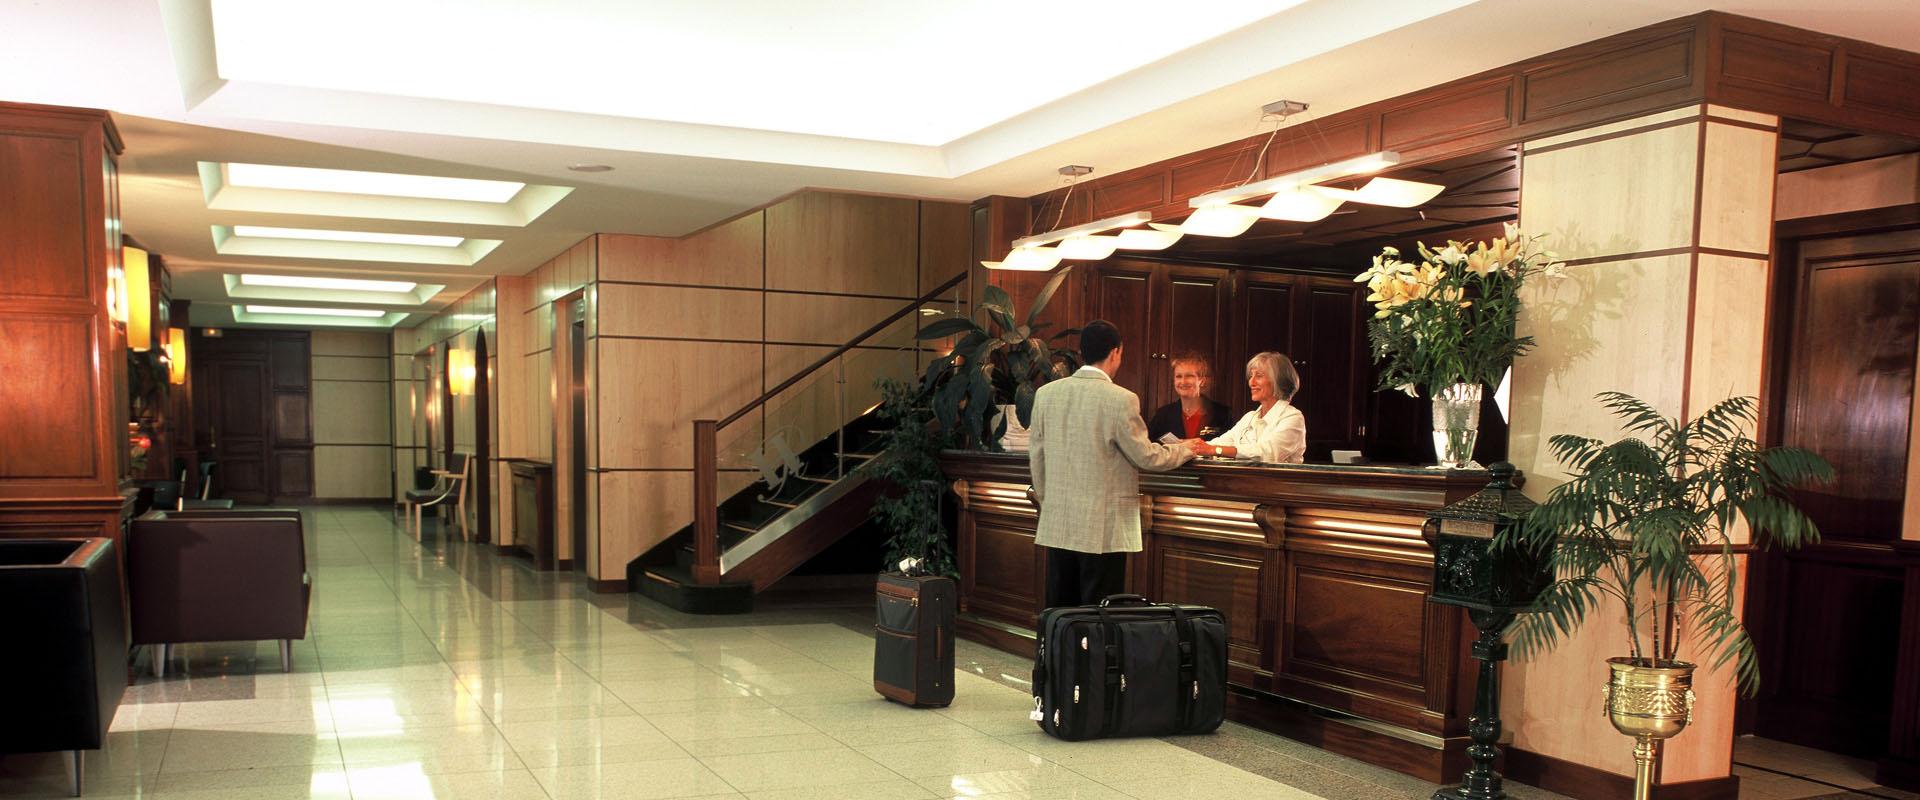 Hotel Lourdes 3 etoiles